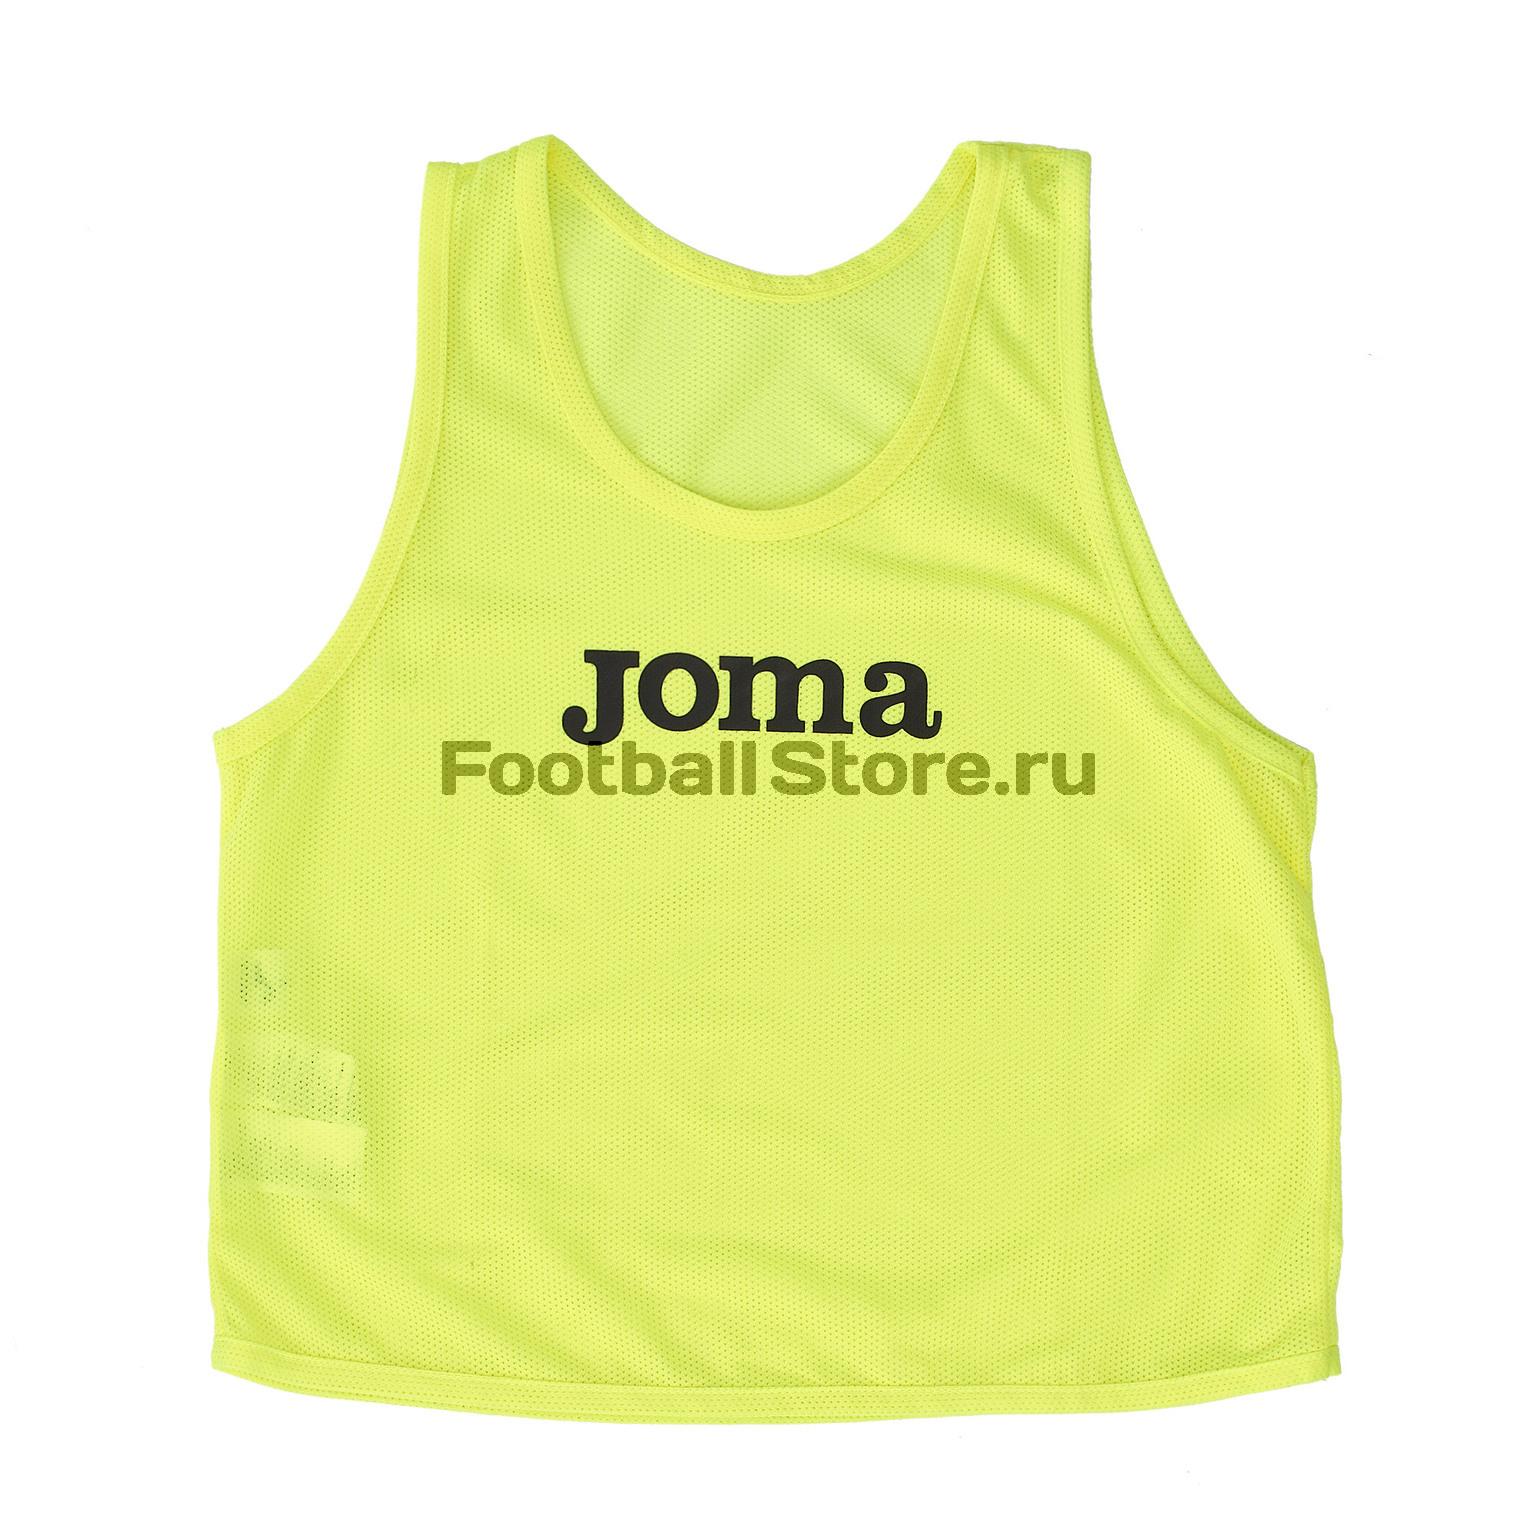 Манишка Joma Team 905.105 манишка footballstore 2k sport team 120708 700